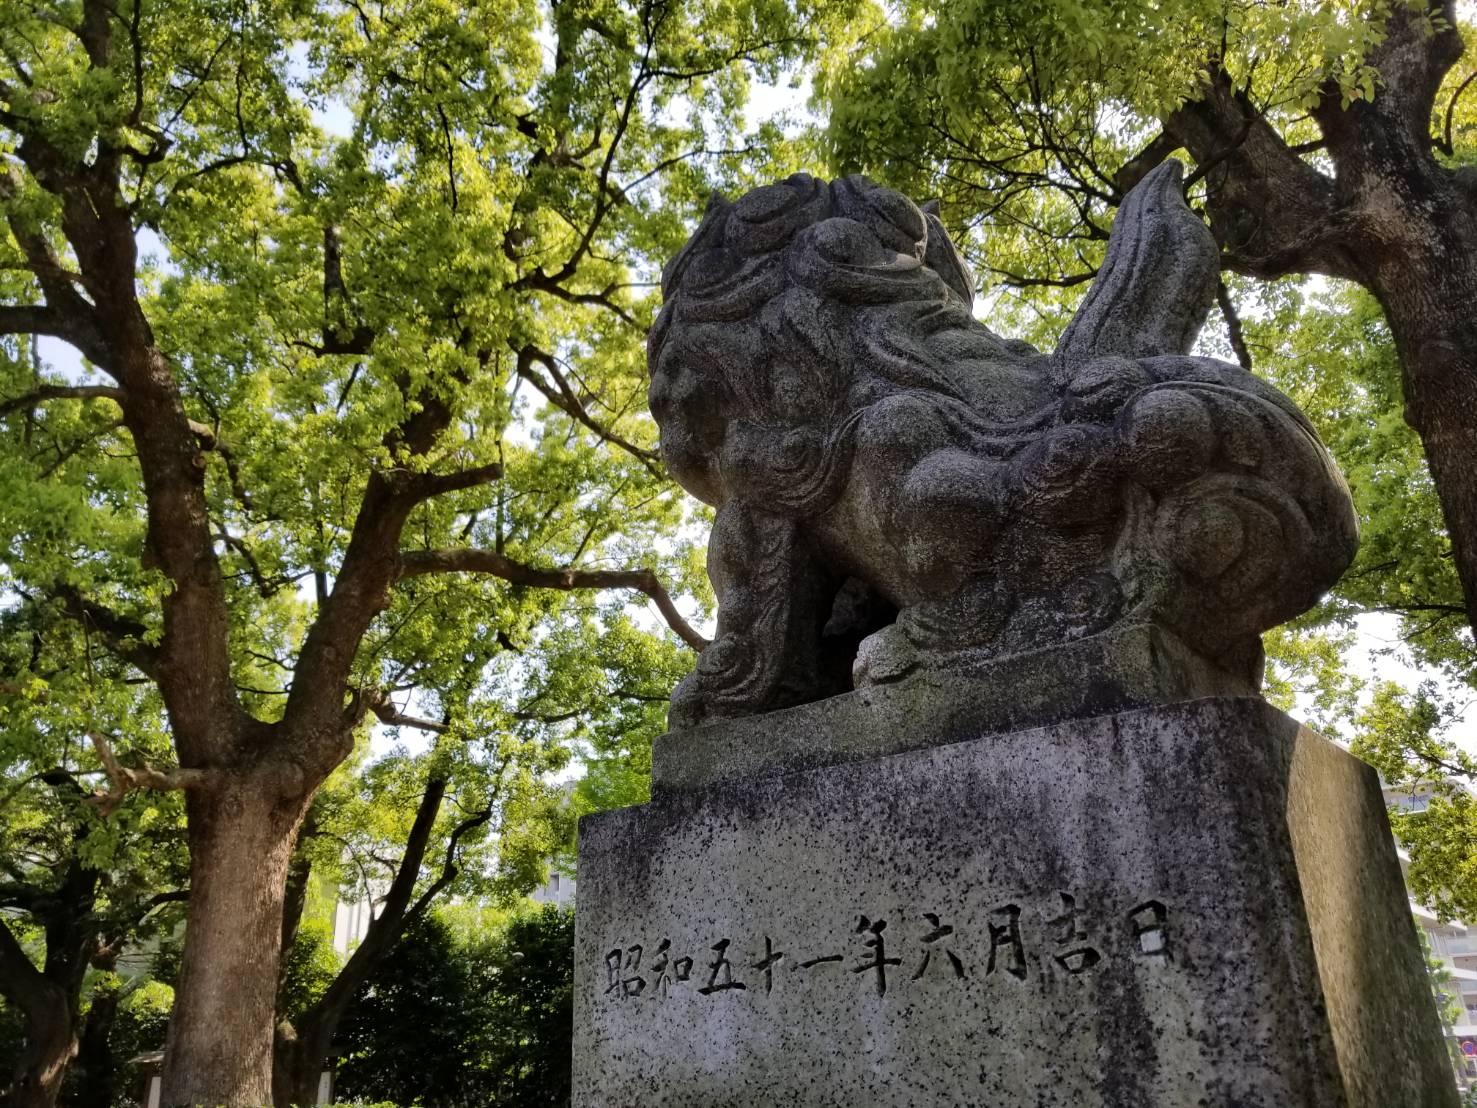 王子神社の狛犬さん、後姿